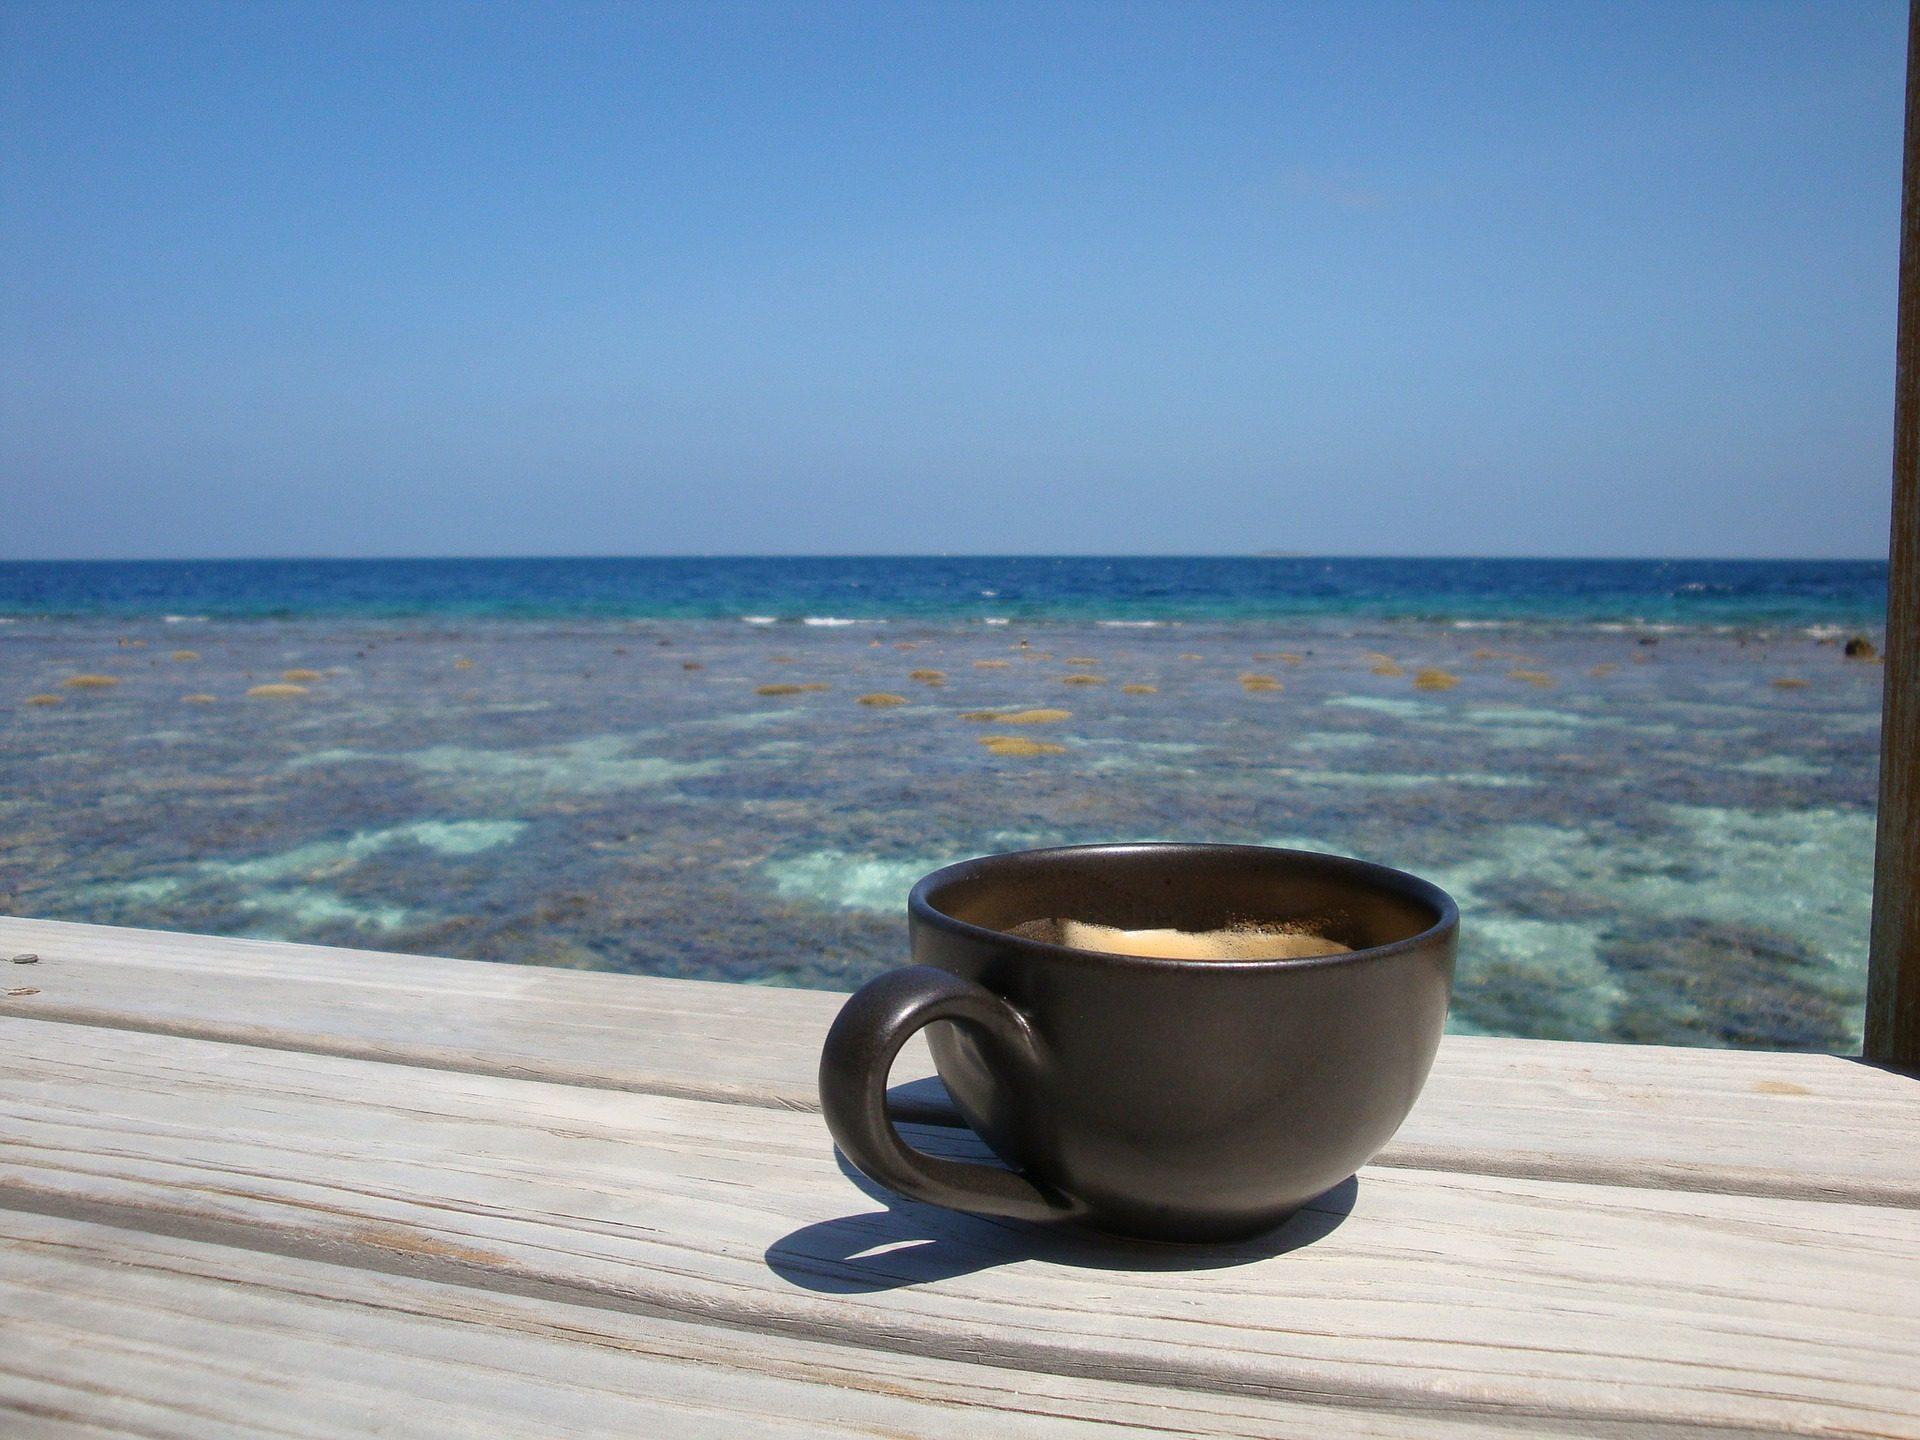 Coppa, caffè, colazione, Paradise, Mare, Ocean, Maldive - Sfondi HD - Professor-falken.com